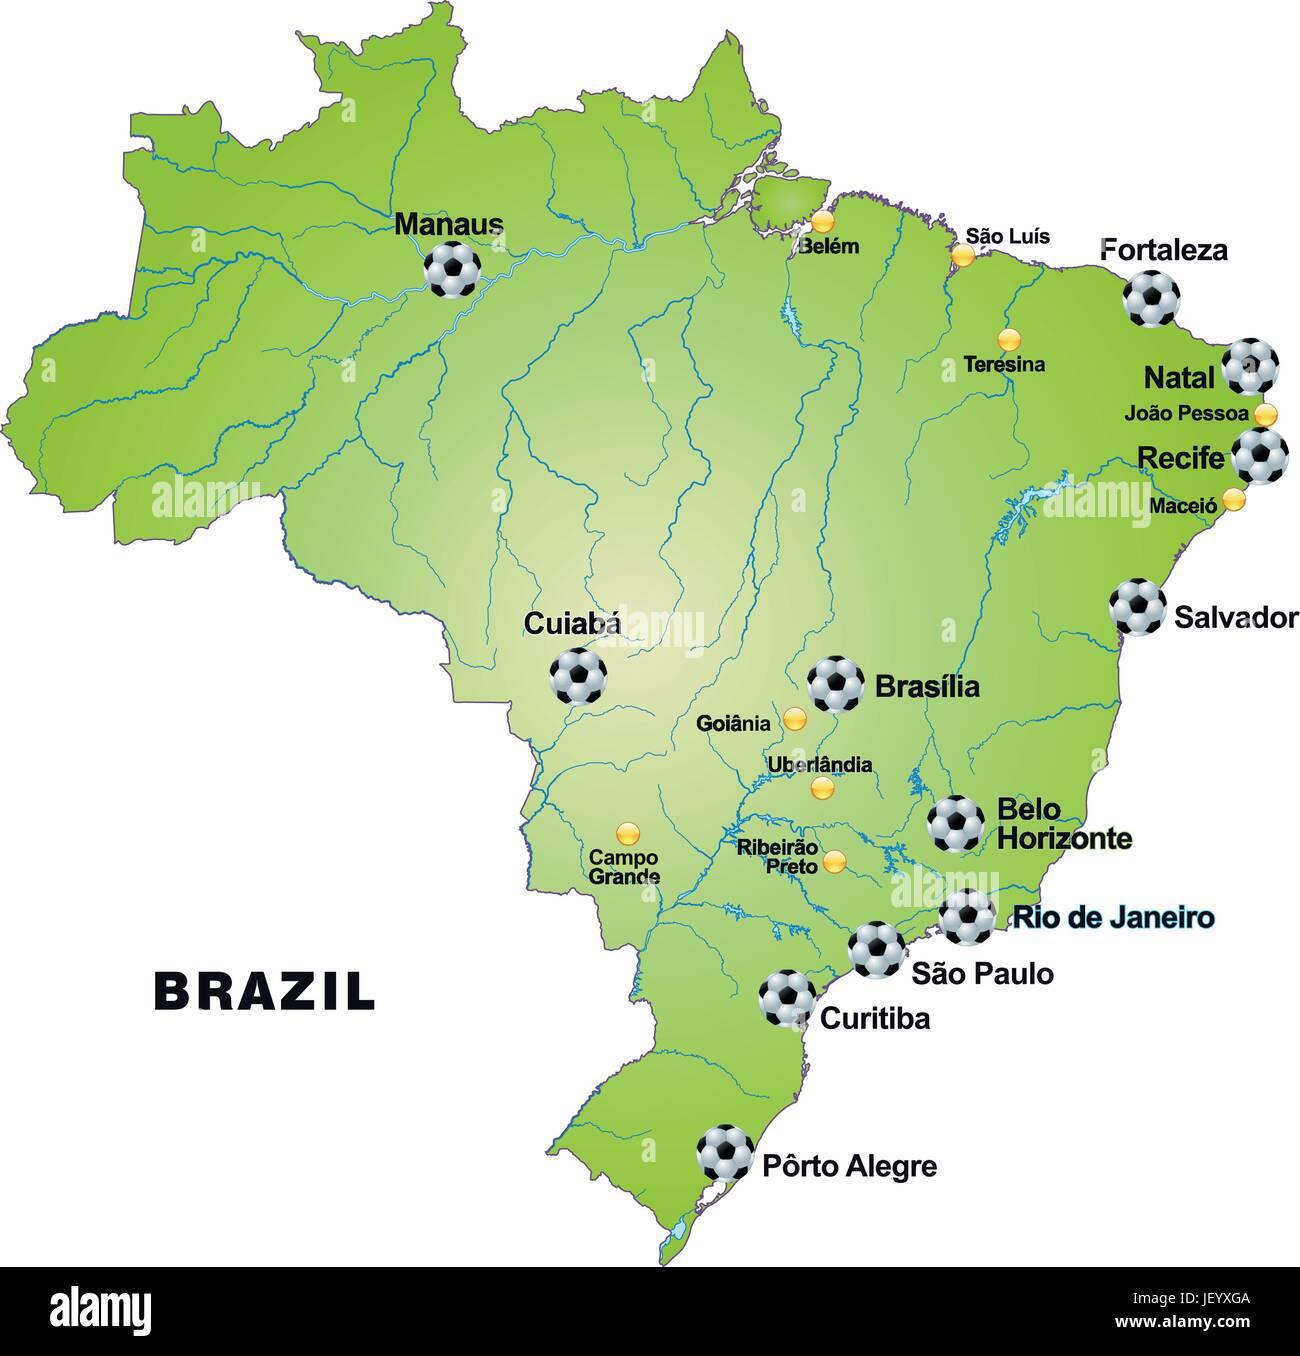 Brasilien Karte Welt.Karte Atlas Karte Der Welt Karte Brasilien Karte Gliederung